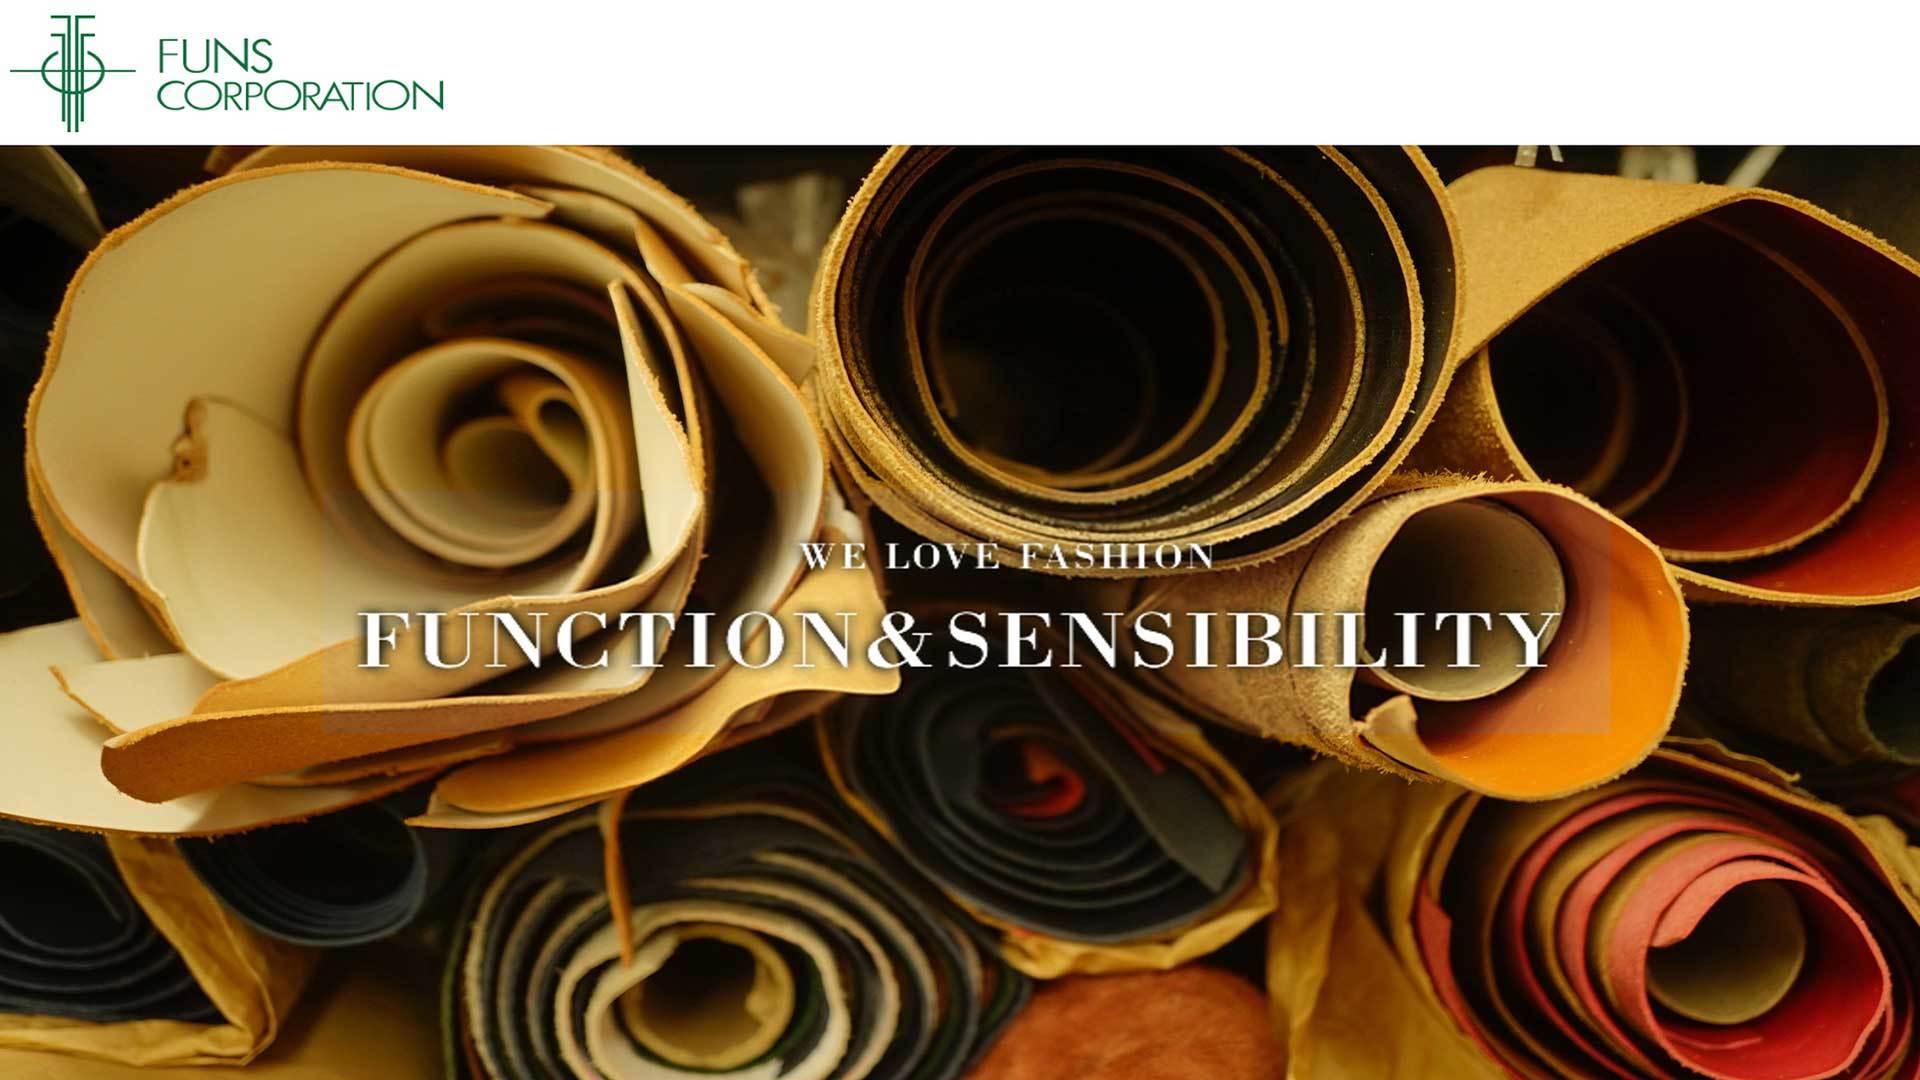 【企画営業】OEMから自社ブランドまで幅広く手掛ける老舗企業です!のカバー写真